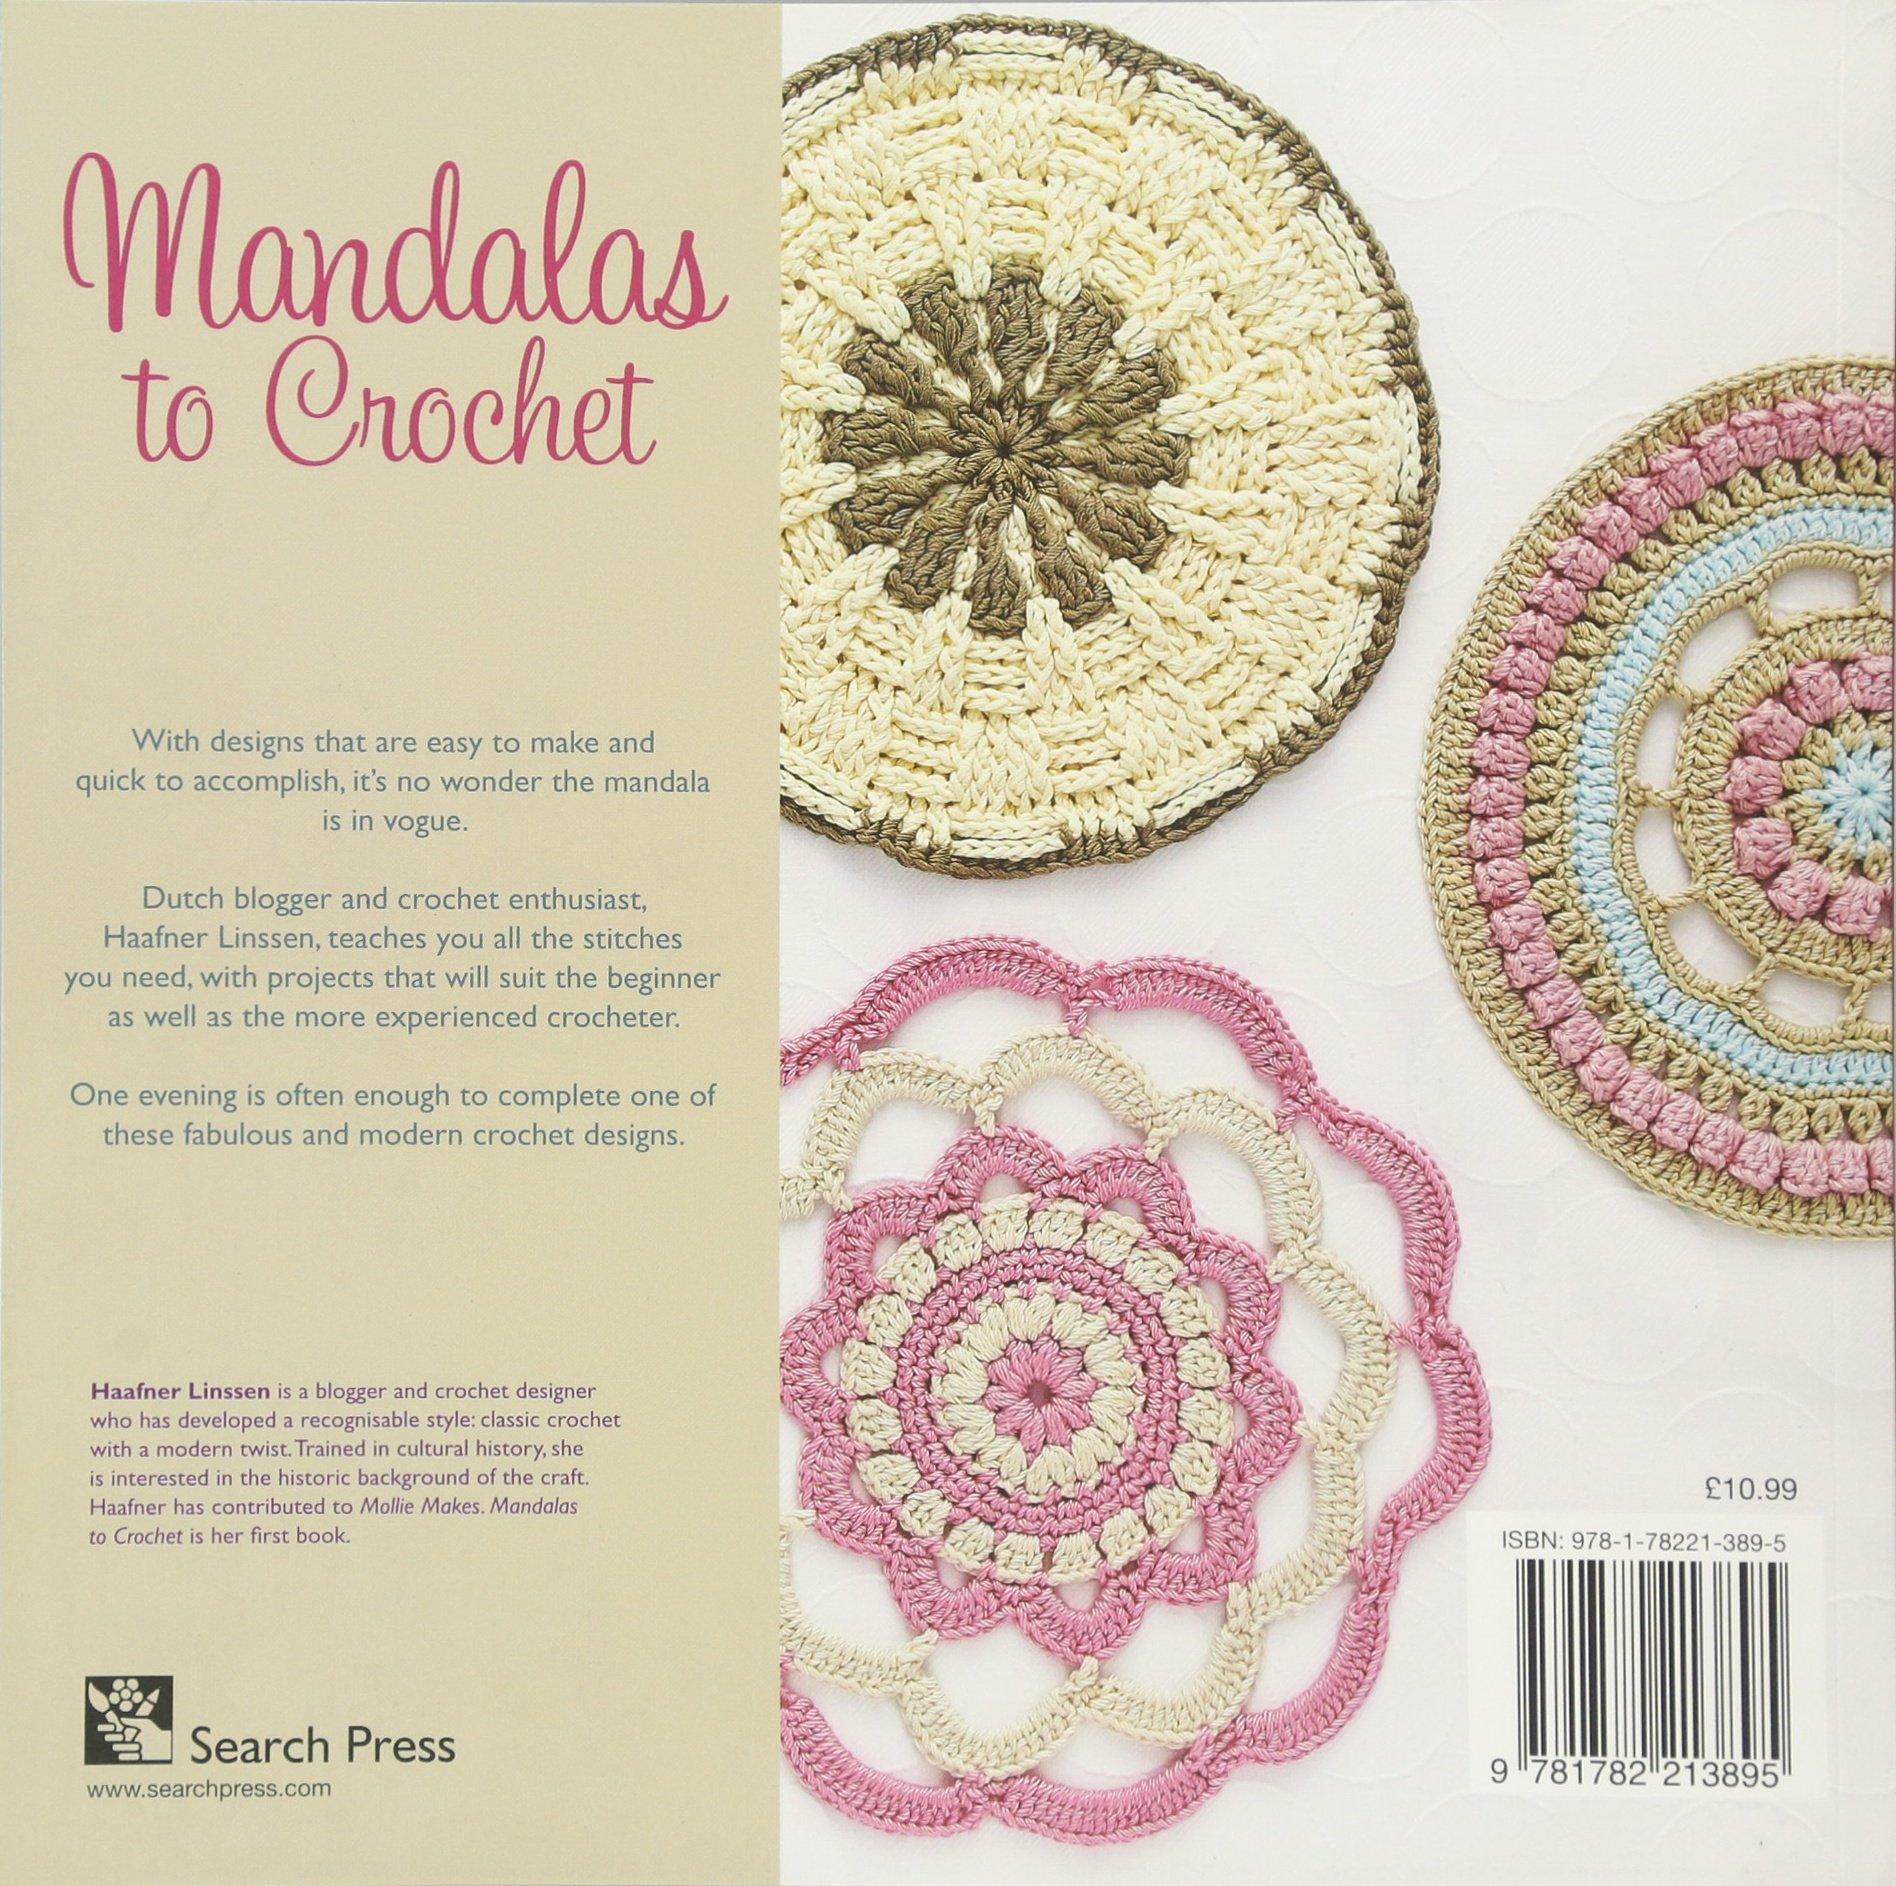 Crochet relación forma teclas imágenes - costura y detalle ... | 1886x1896